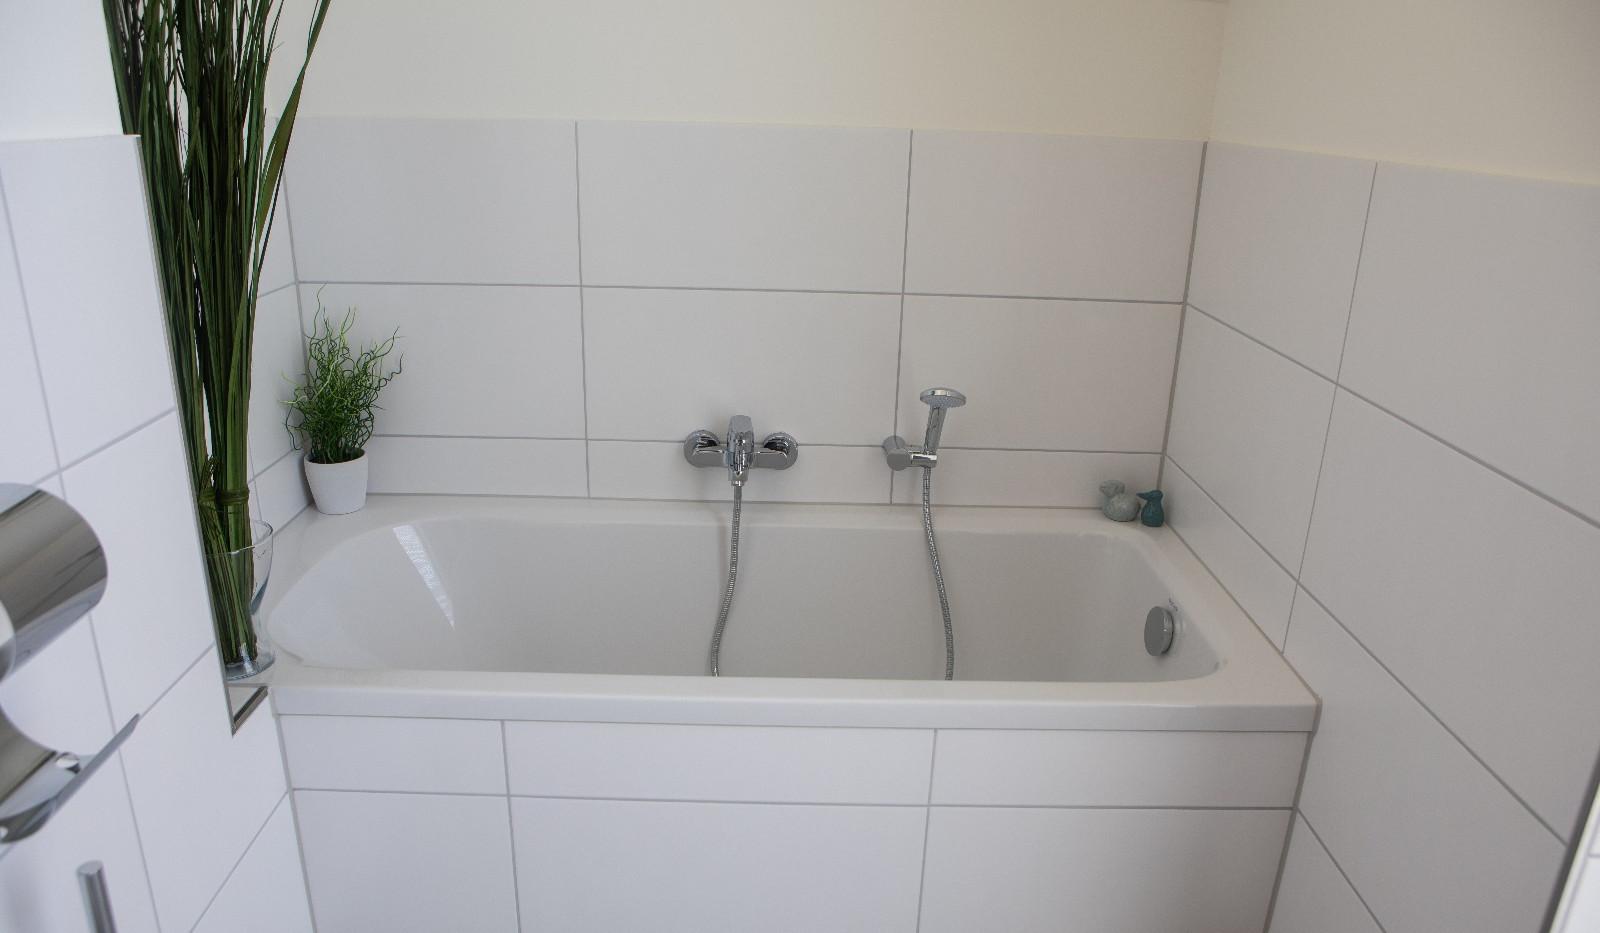 Ferienhaus Paul - Vollbad mit Badewanne im Obergeschoss